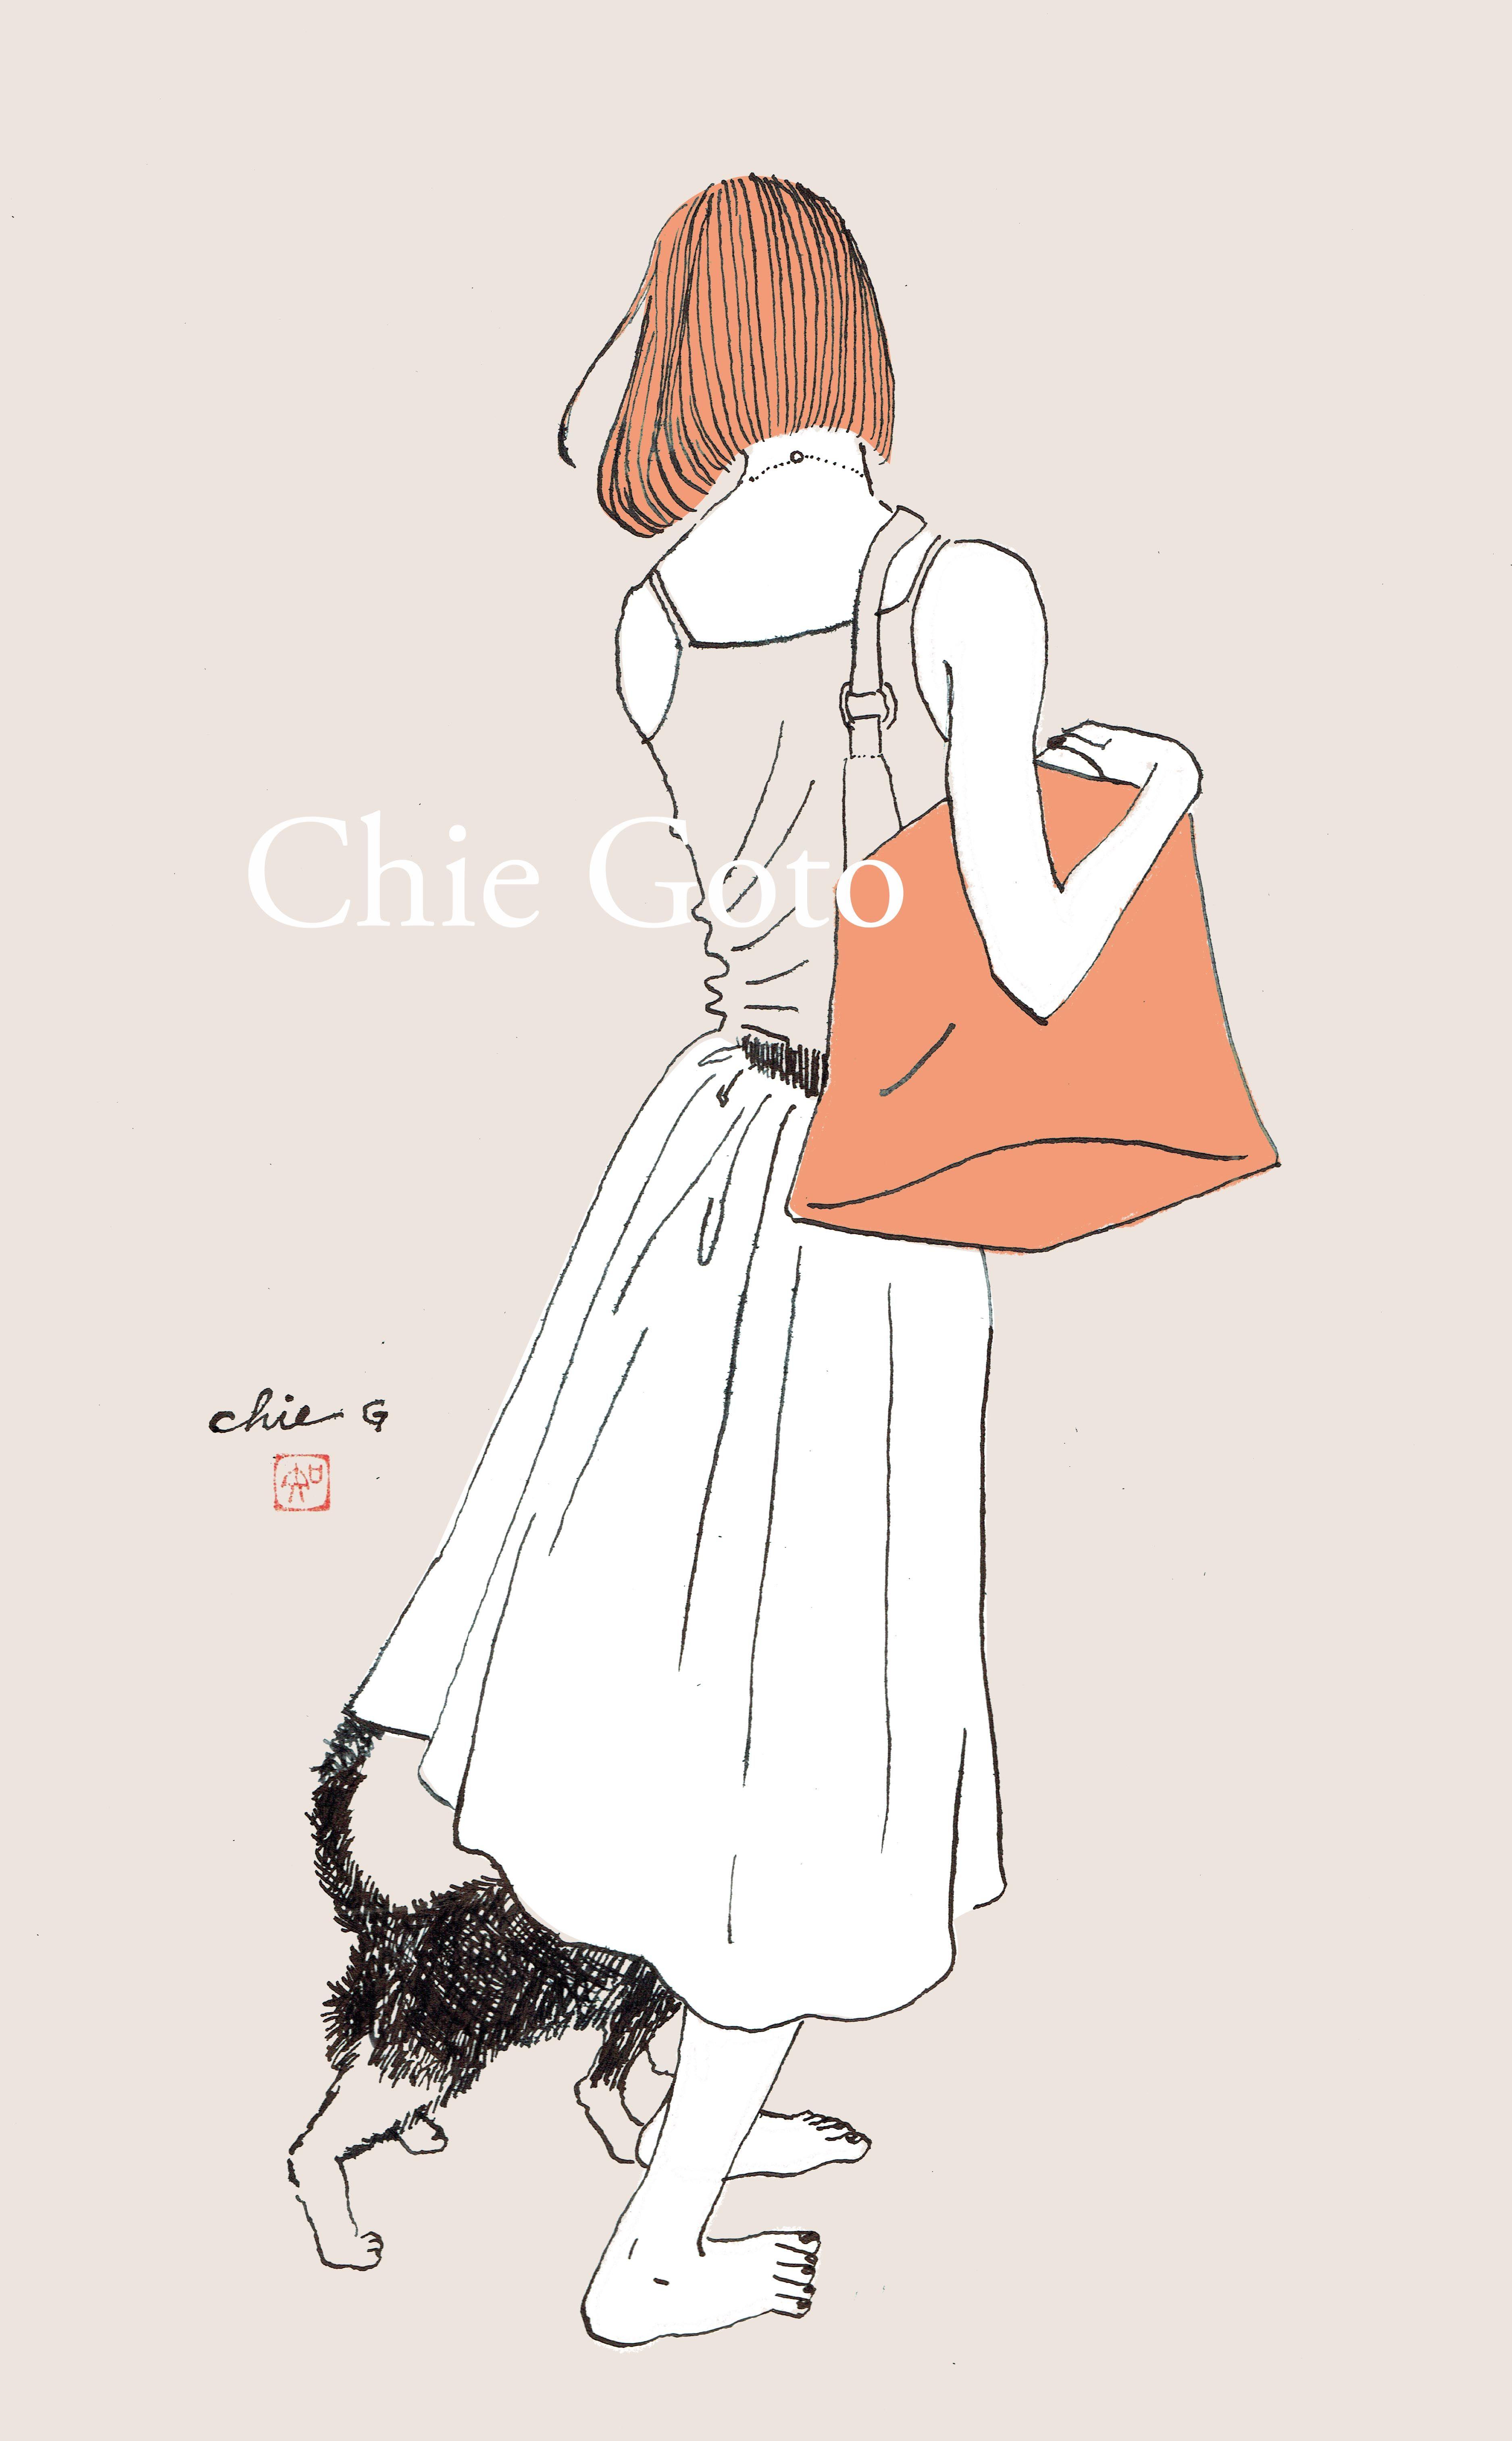 ガールズイラスト #ファッションイラスト #オシャレイラスト #猫